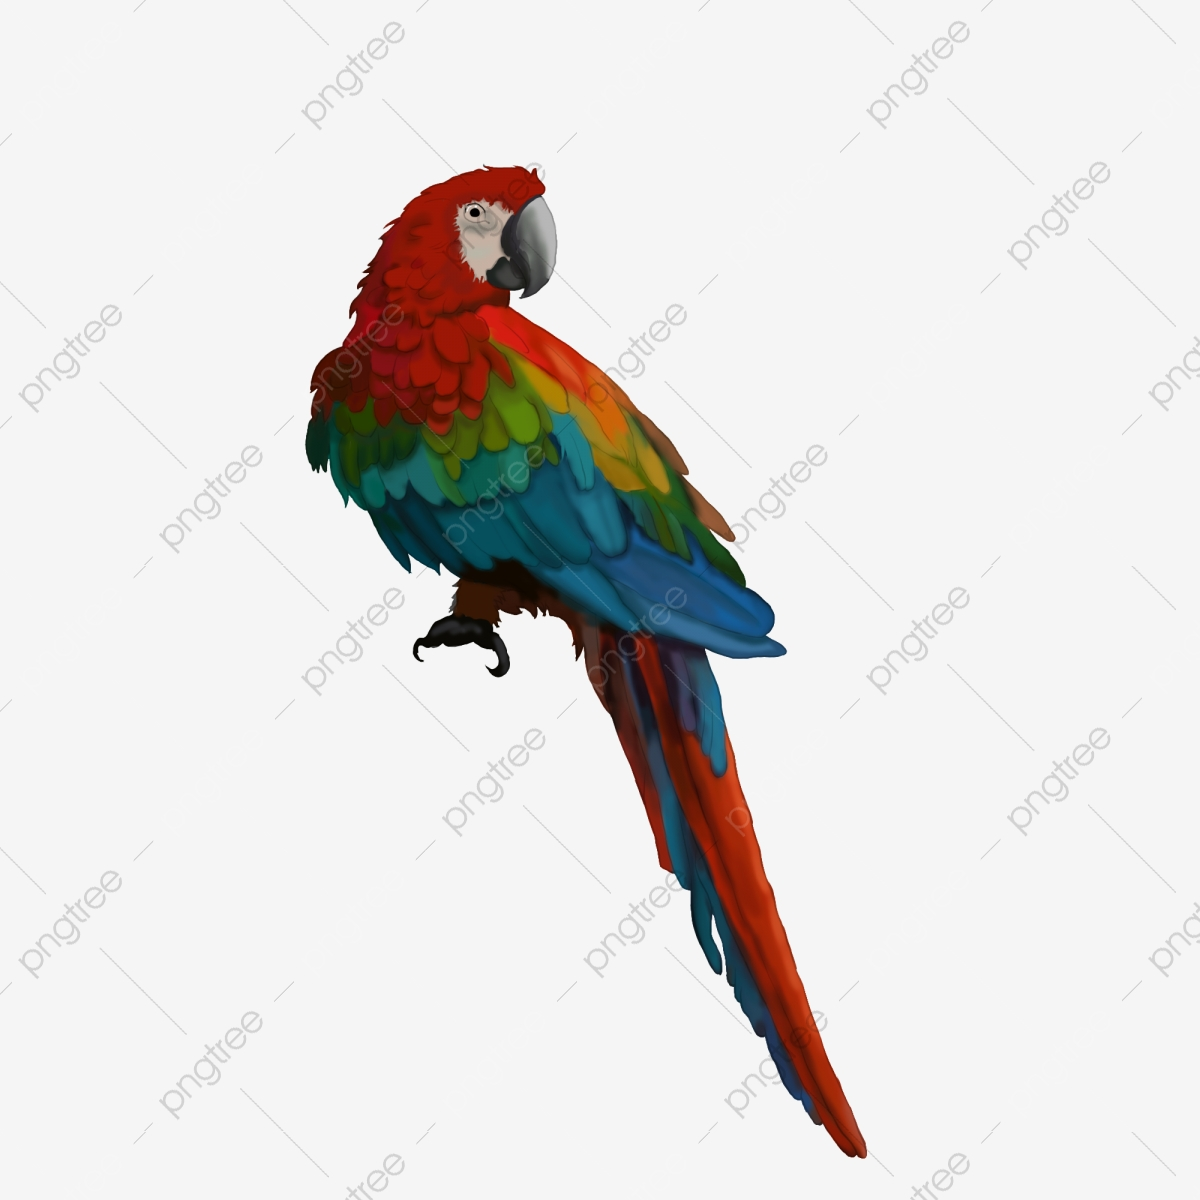 الببغاء اللون الببغاء الحيوان الطيور الببغاء Clipart ببغاء ببغاء ملون Png وملف Psd للتحميل مجانا